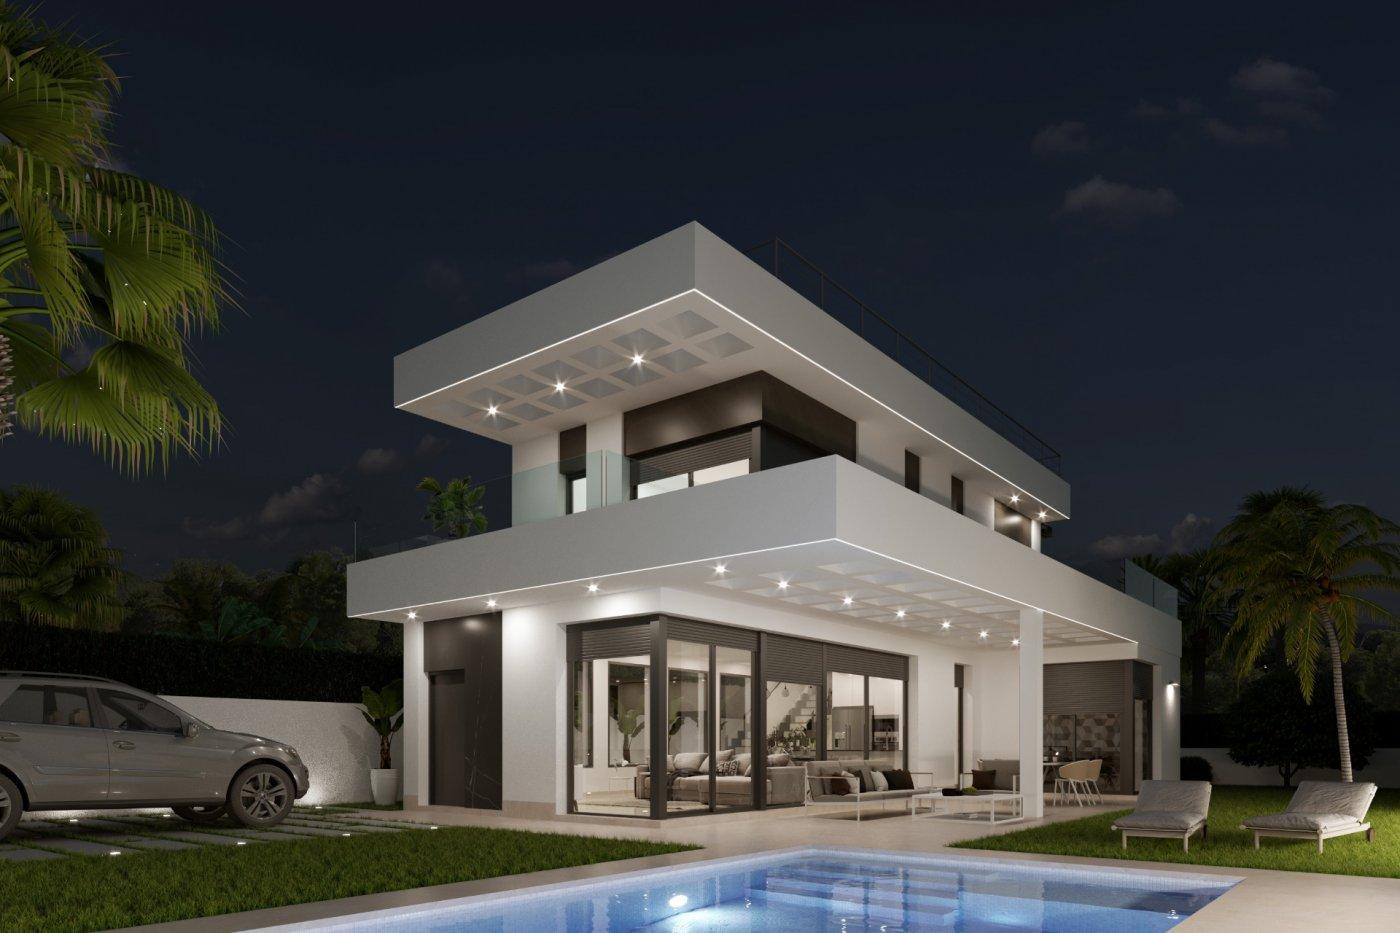 Villas modernas en sierra cortina (finestrat) a un paso de benidorm - imagenInmueble4